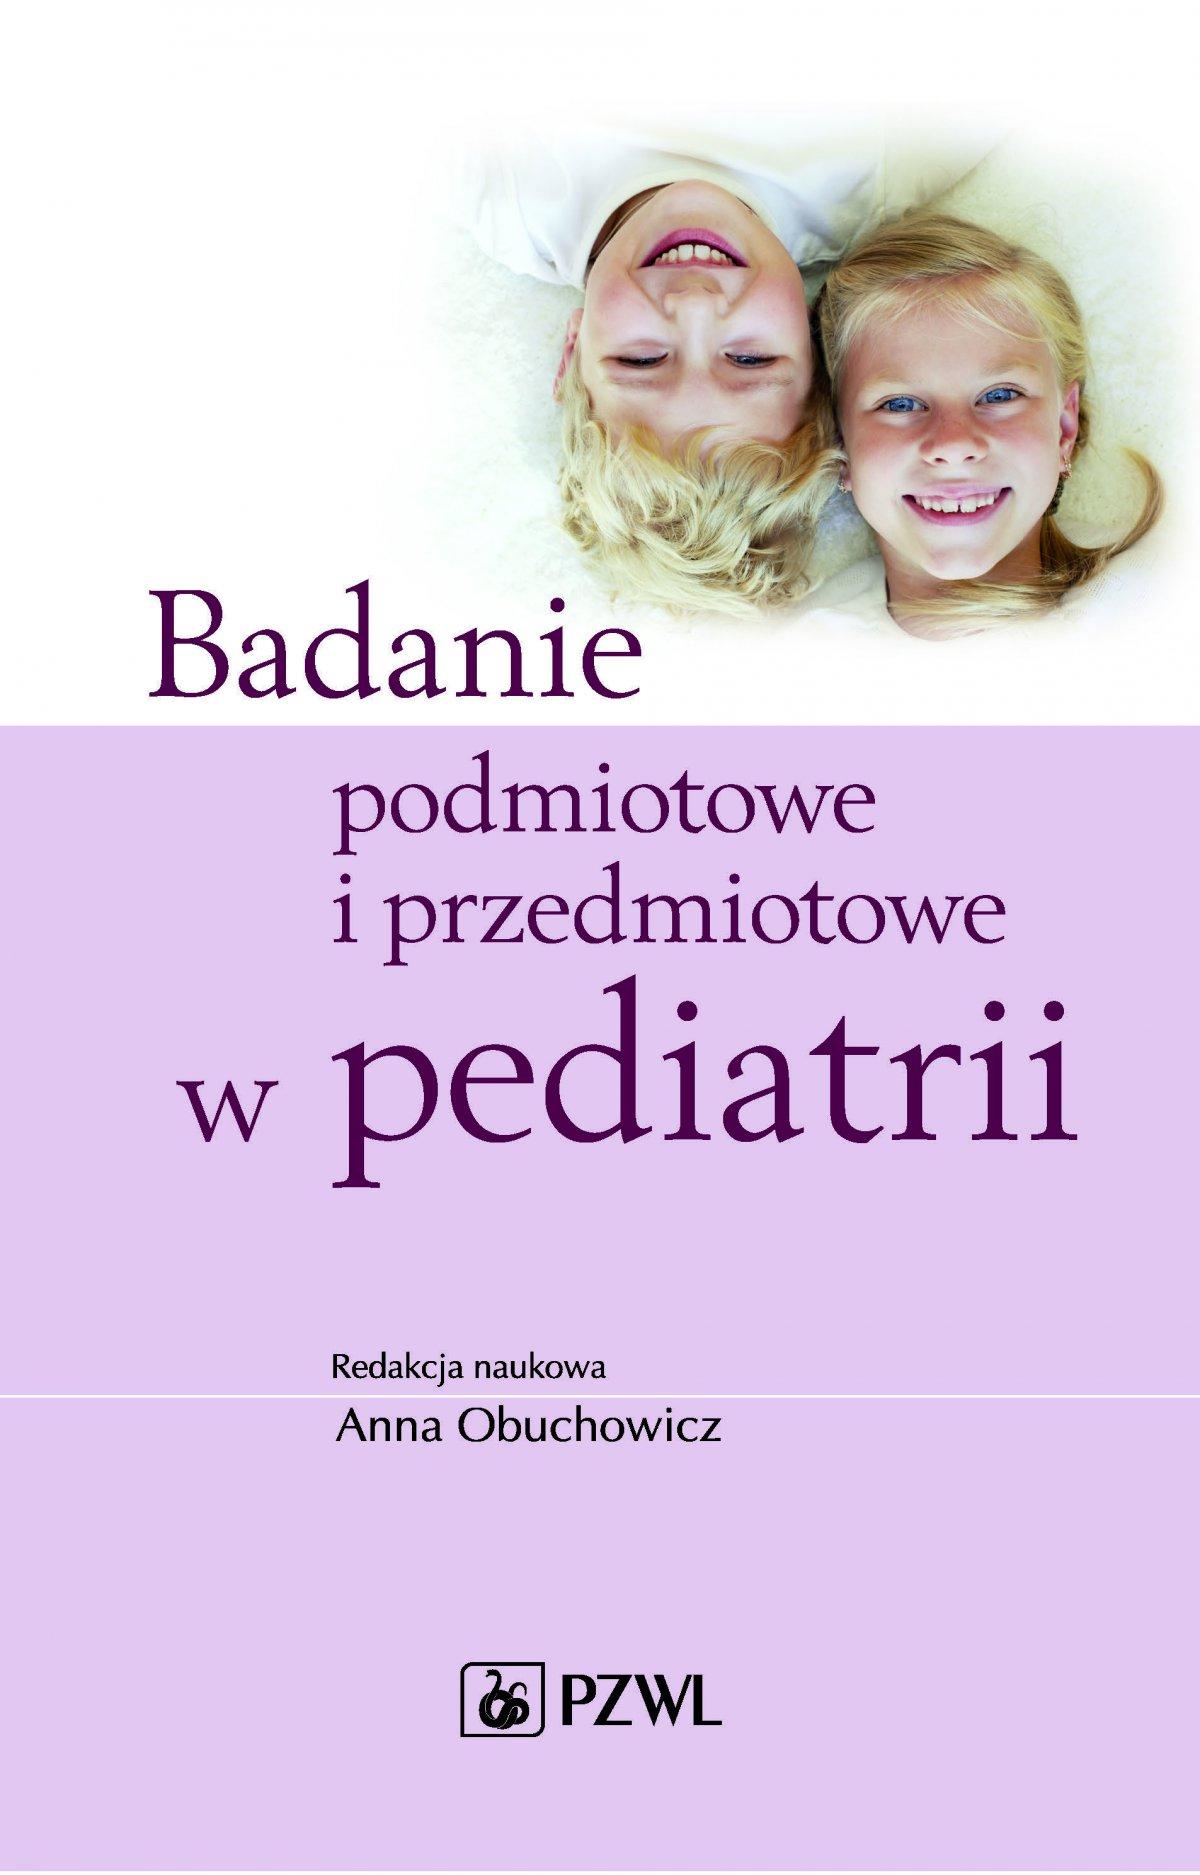 Badanie podmiotowe i przedmiotowe w pediatrii - Ebook (Książka EPUB) do pobrania w formacie EPUB